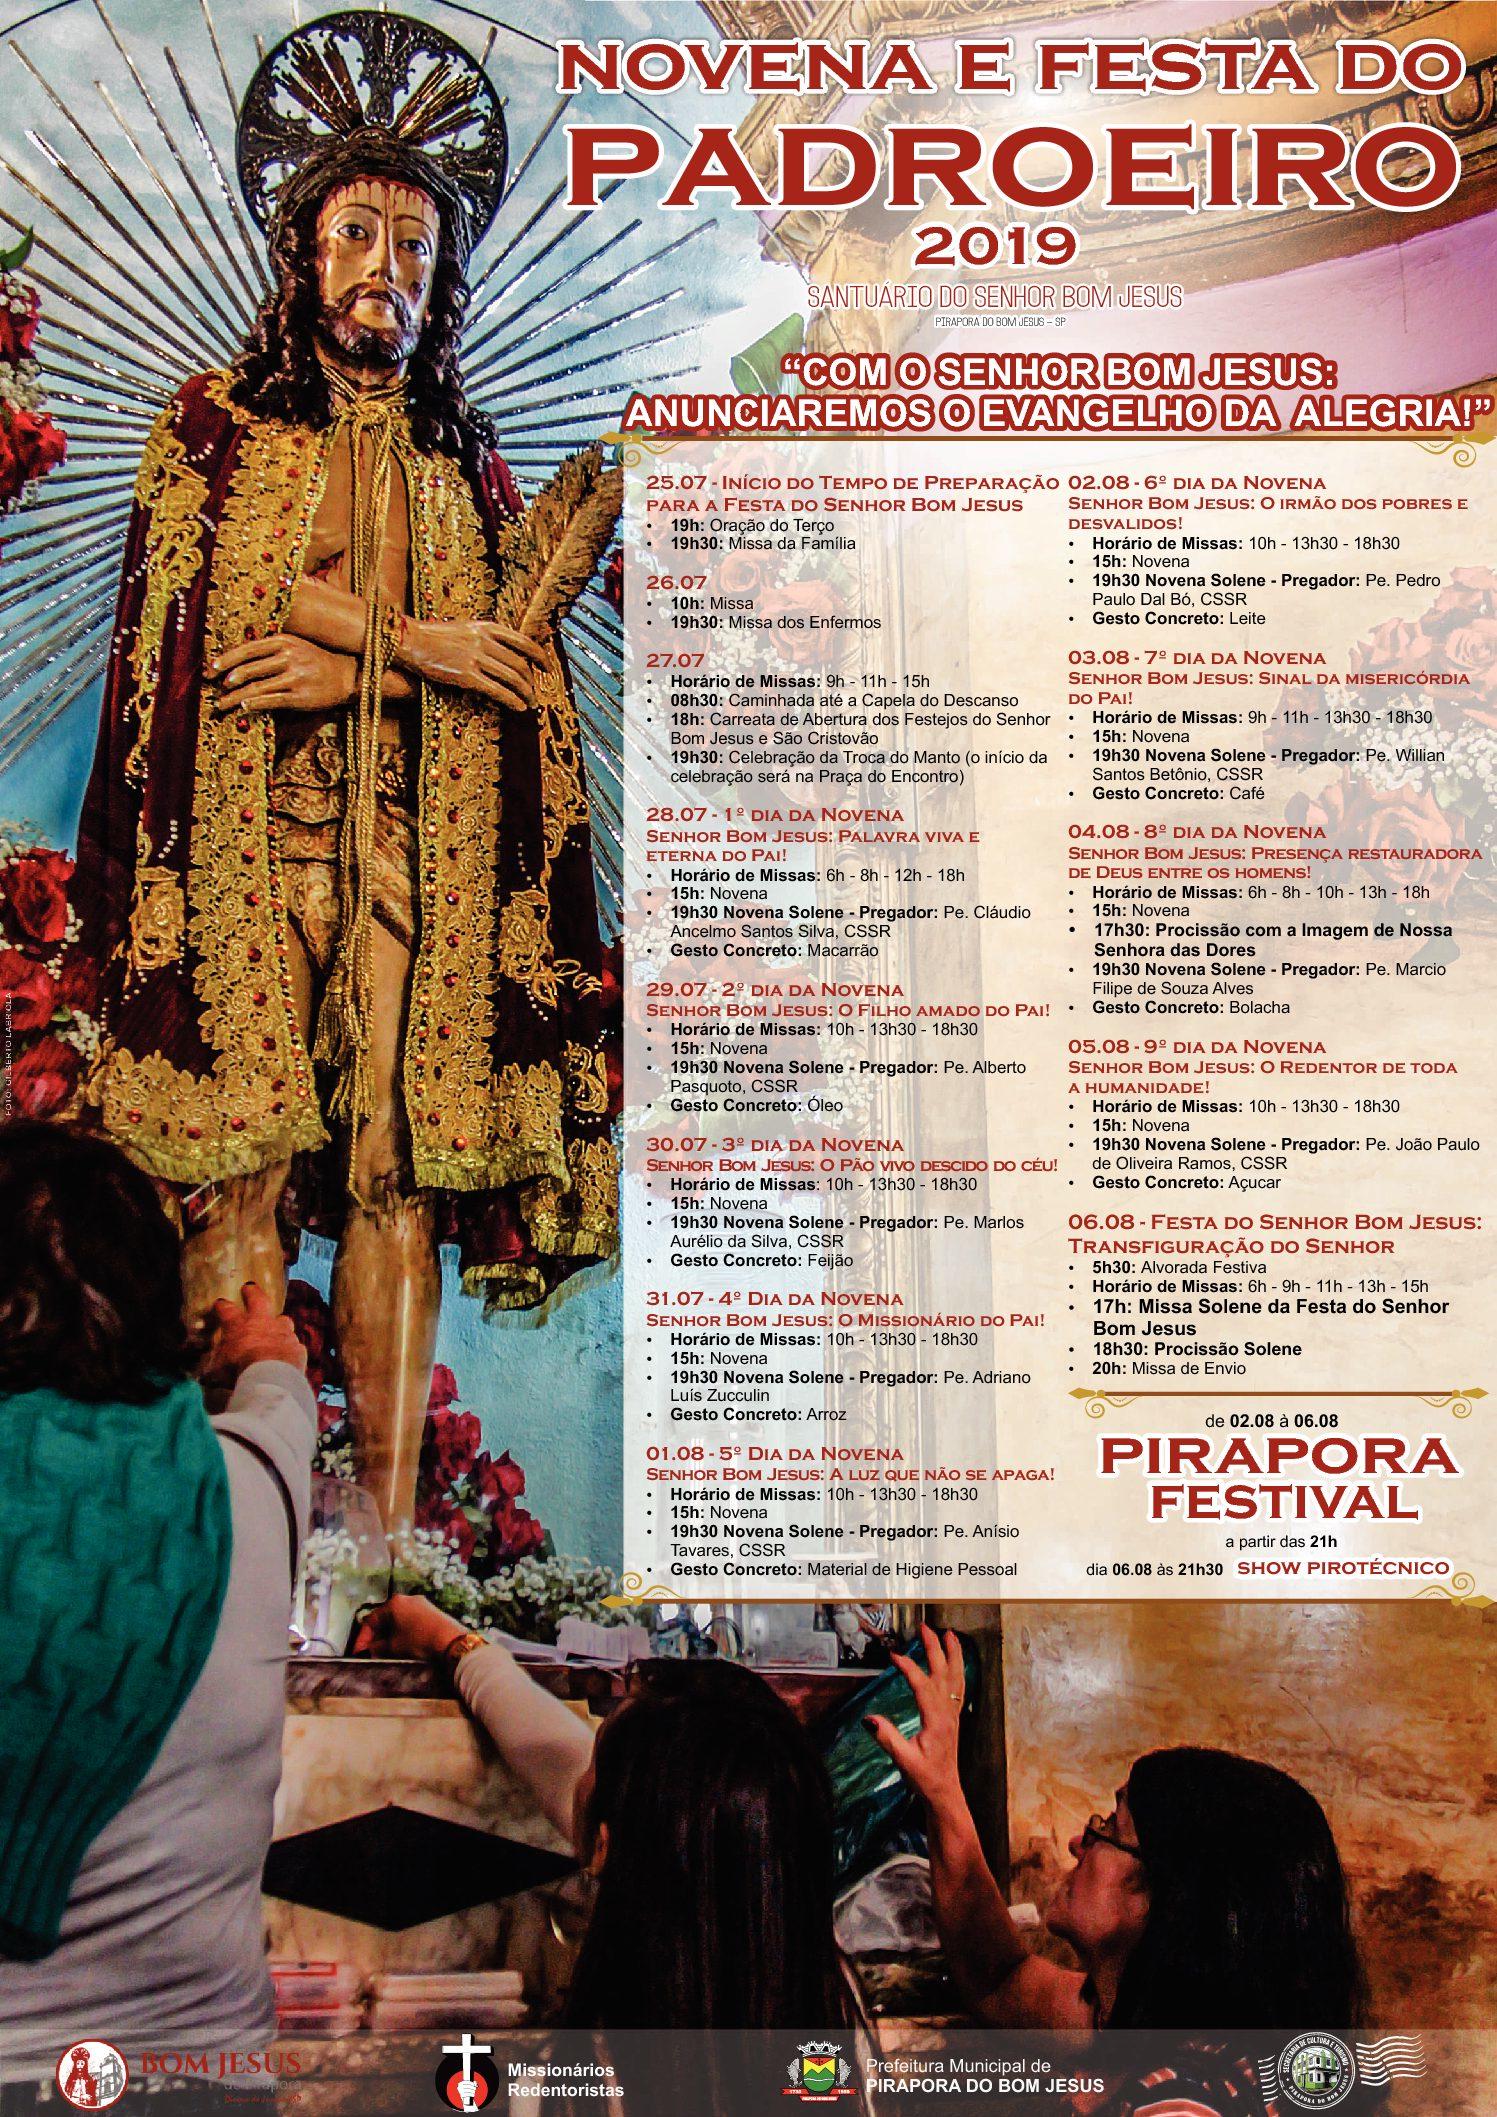 PROGRAMAÇÃO DA FESTA DO SENHOR BOM JESUS – 2019